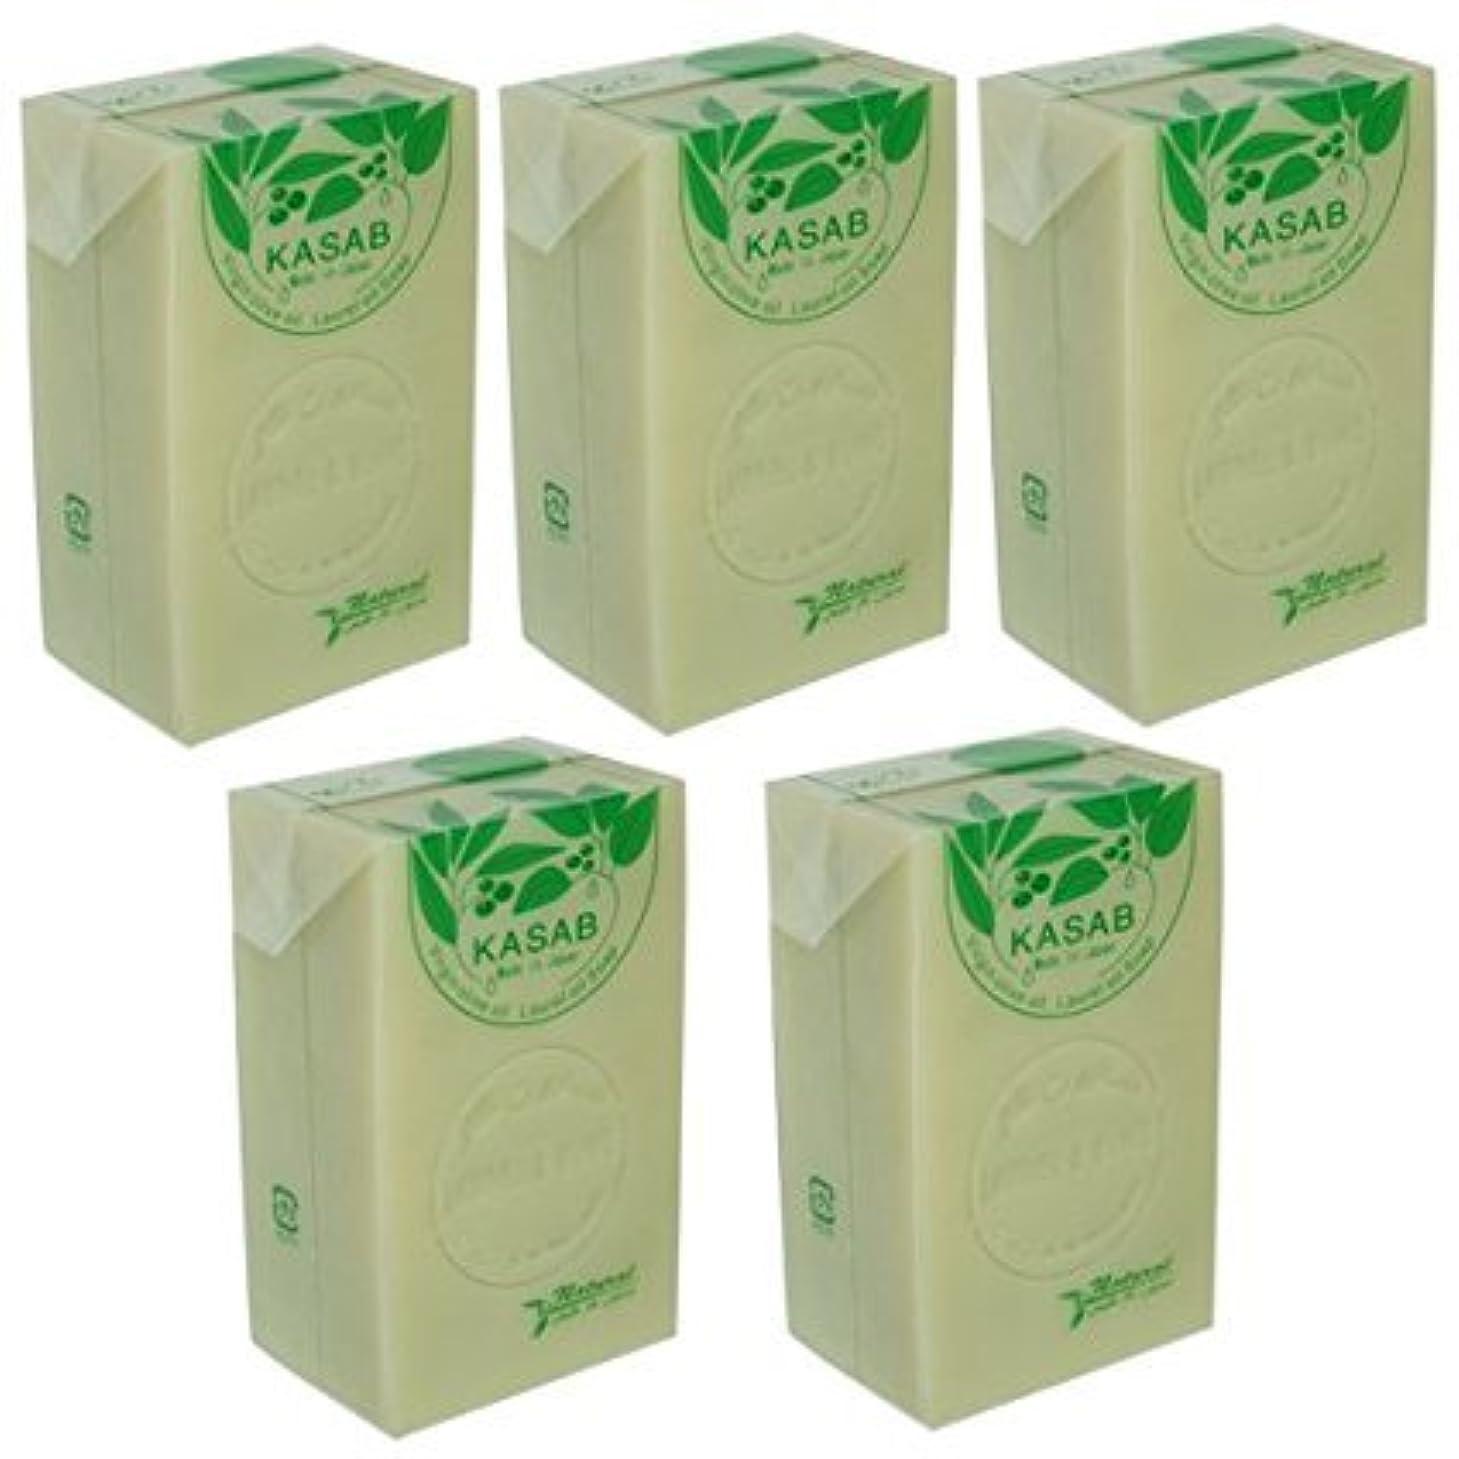 強打熱境界カサブ石鹸5個セット